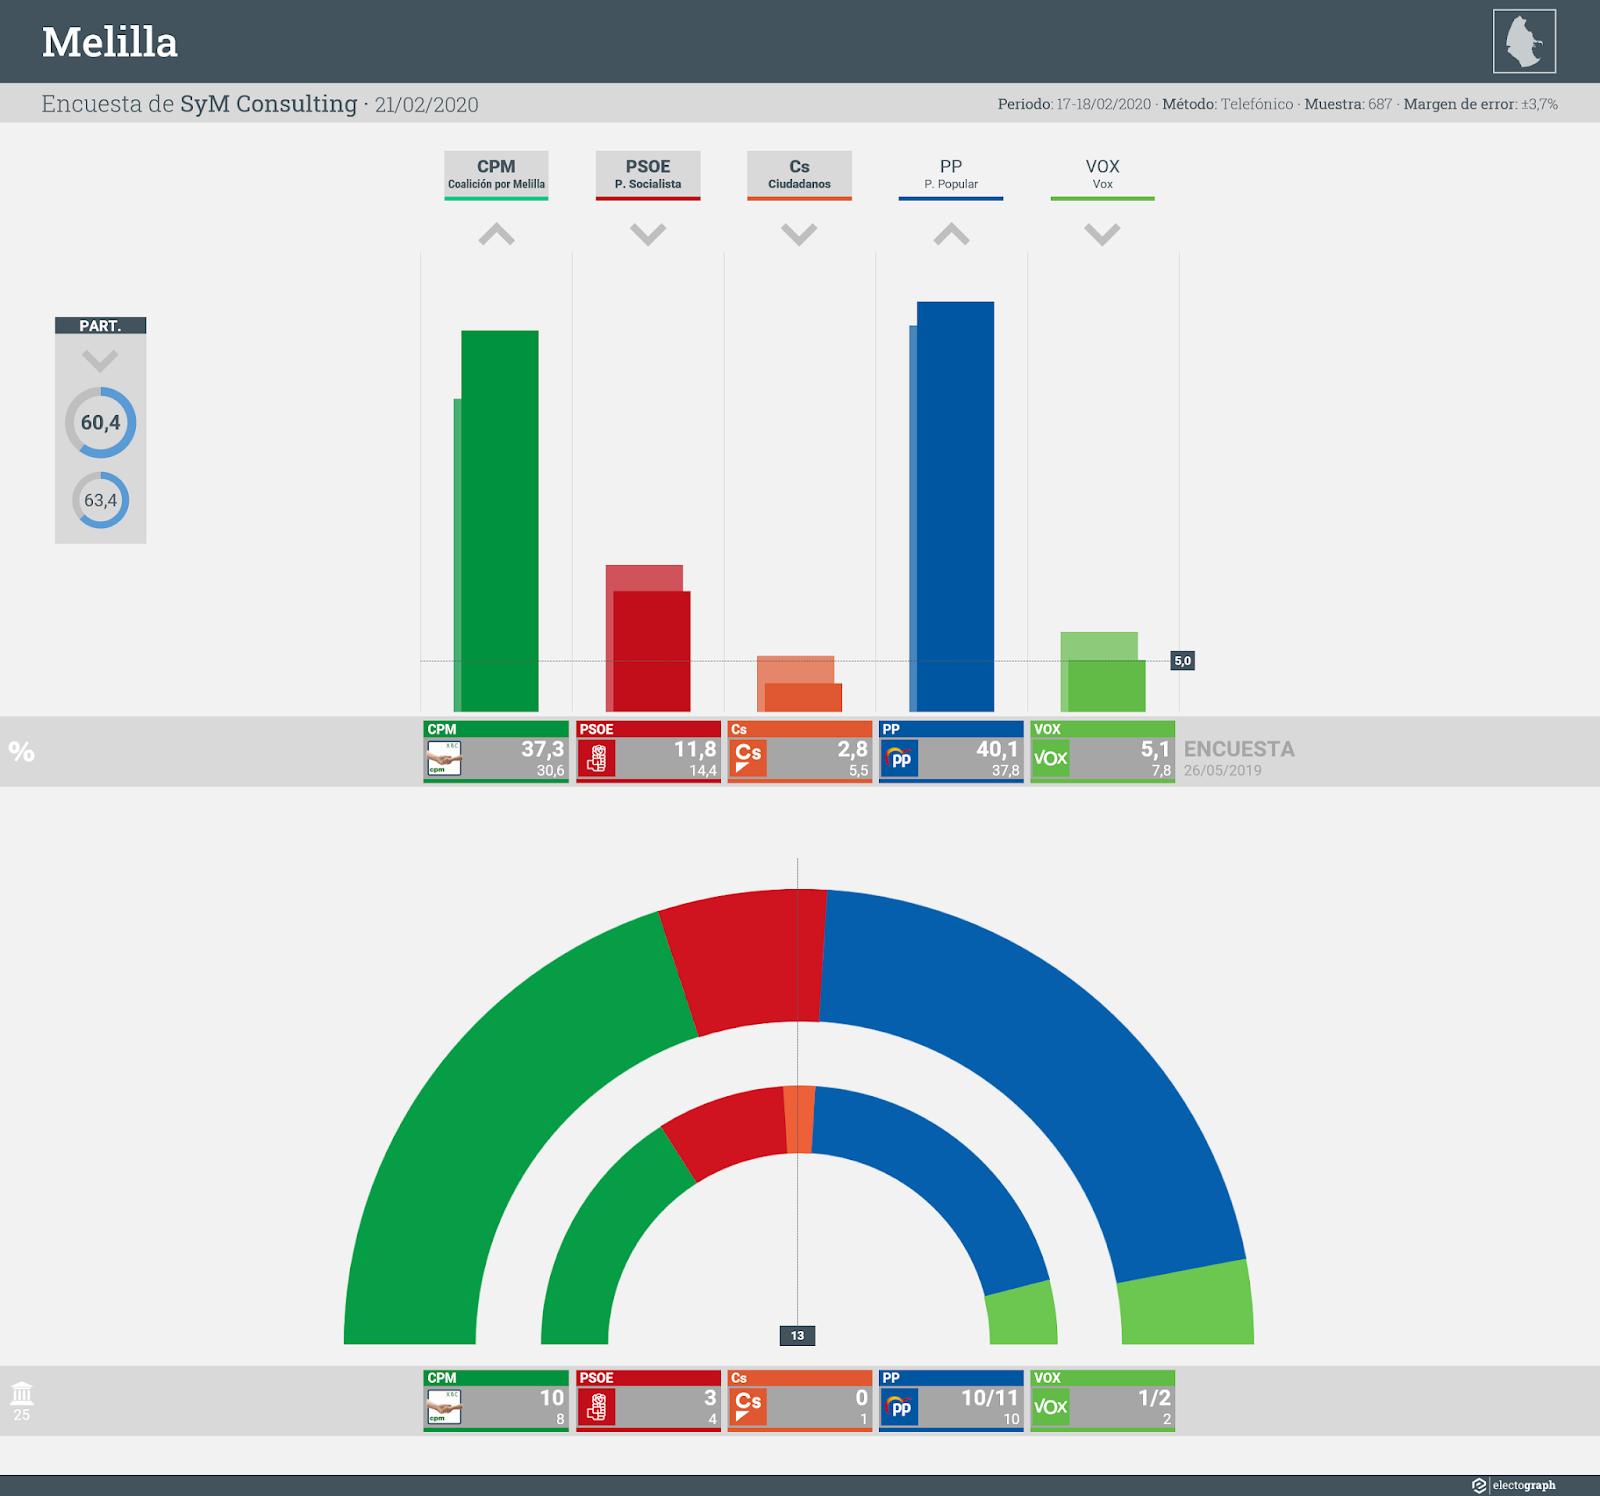 Gráfico de la encuesta para elecciones autonómicas en Melilla realizada por SyM Consulting, 21 de febrero de 2020